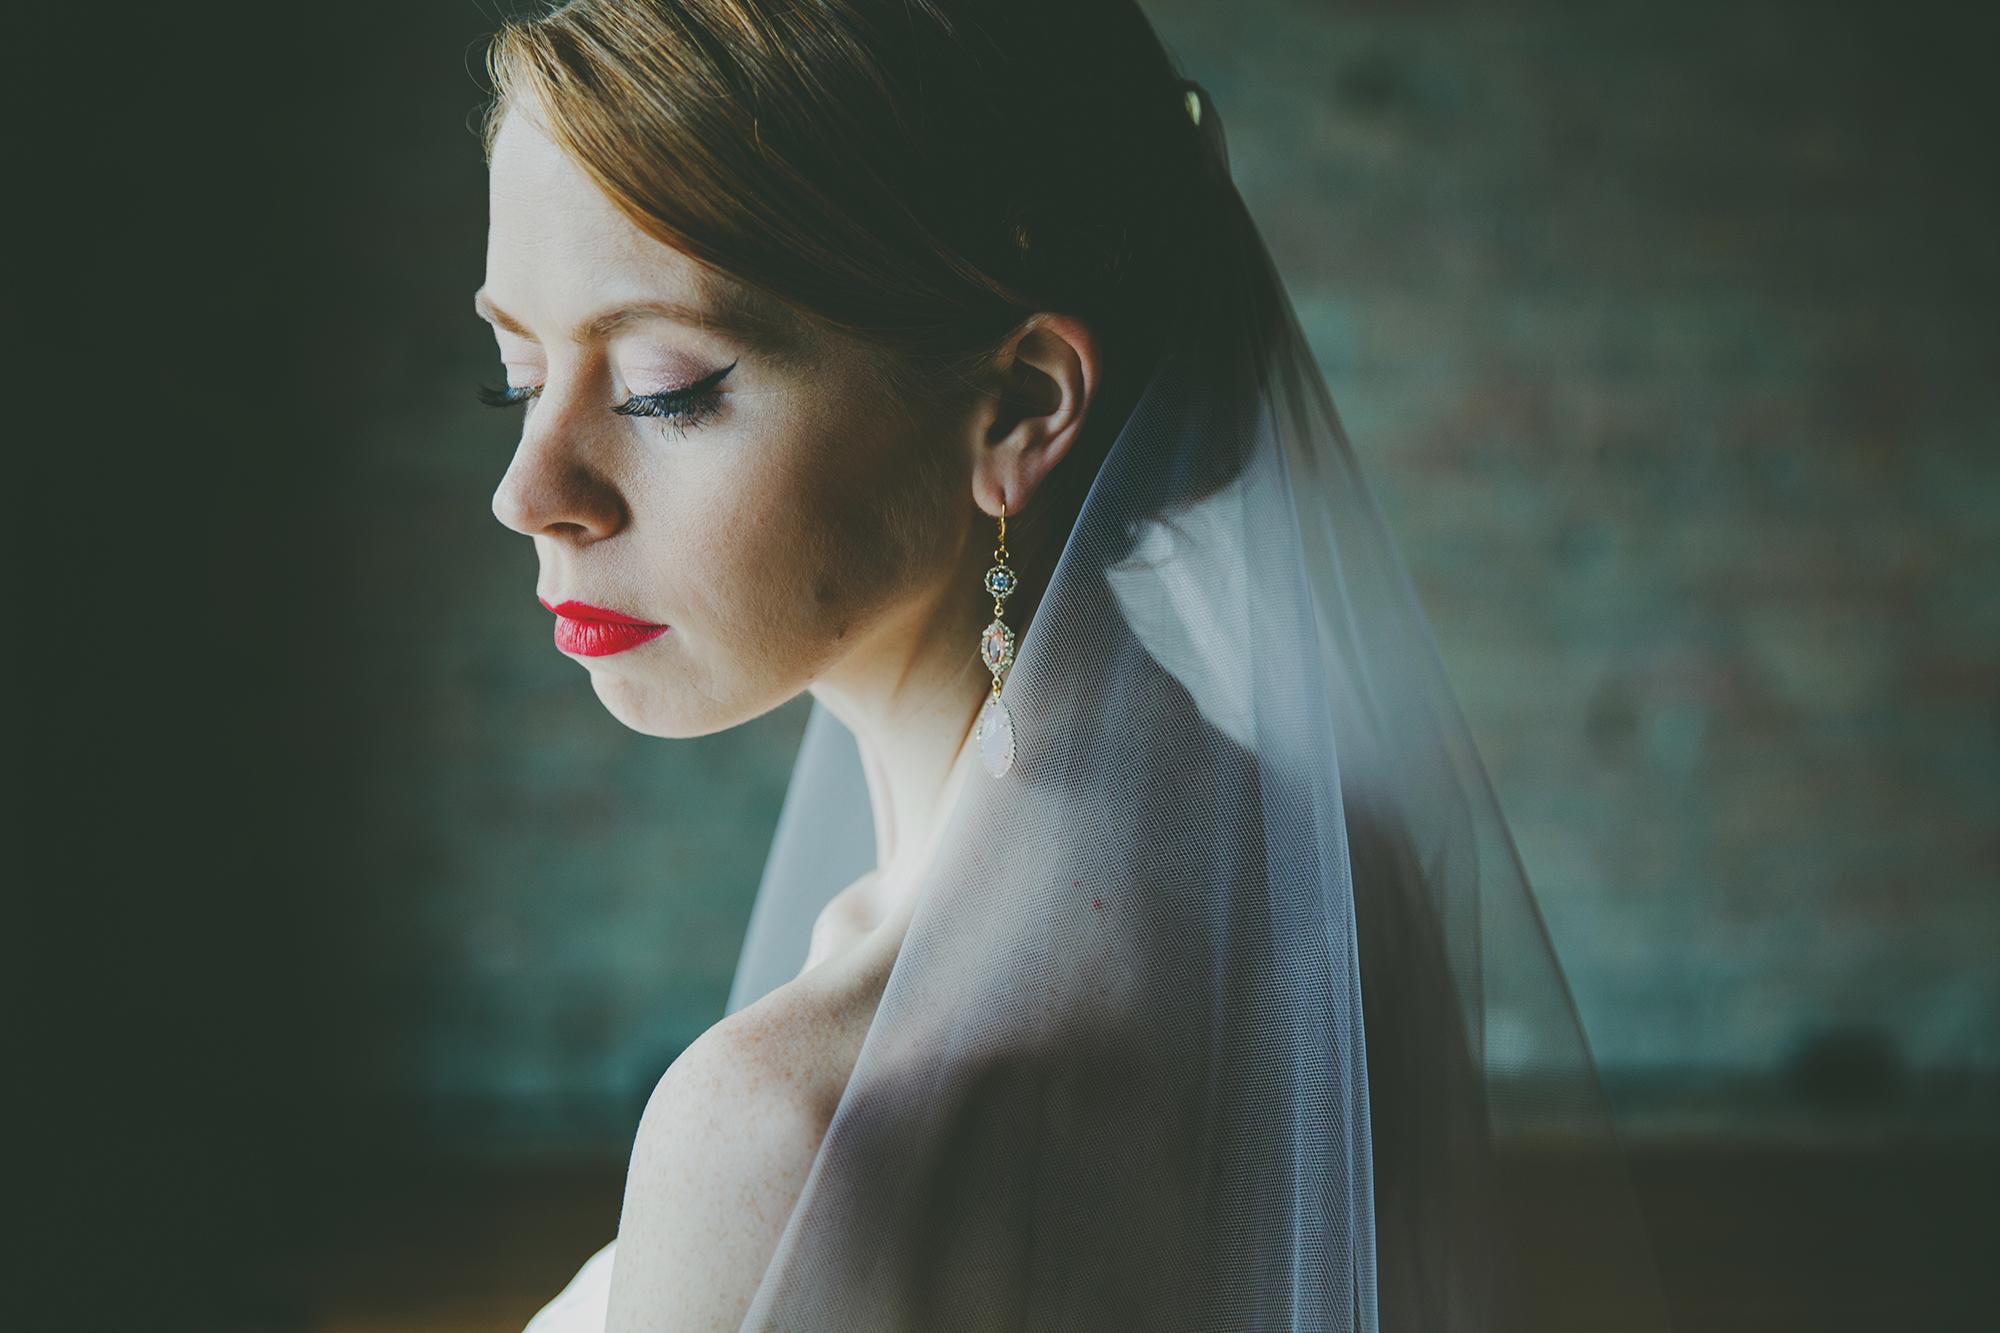 Bridal photography at Loft 42 in Skaneateles, NY.